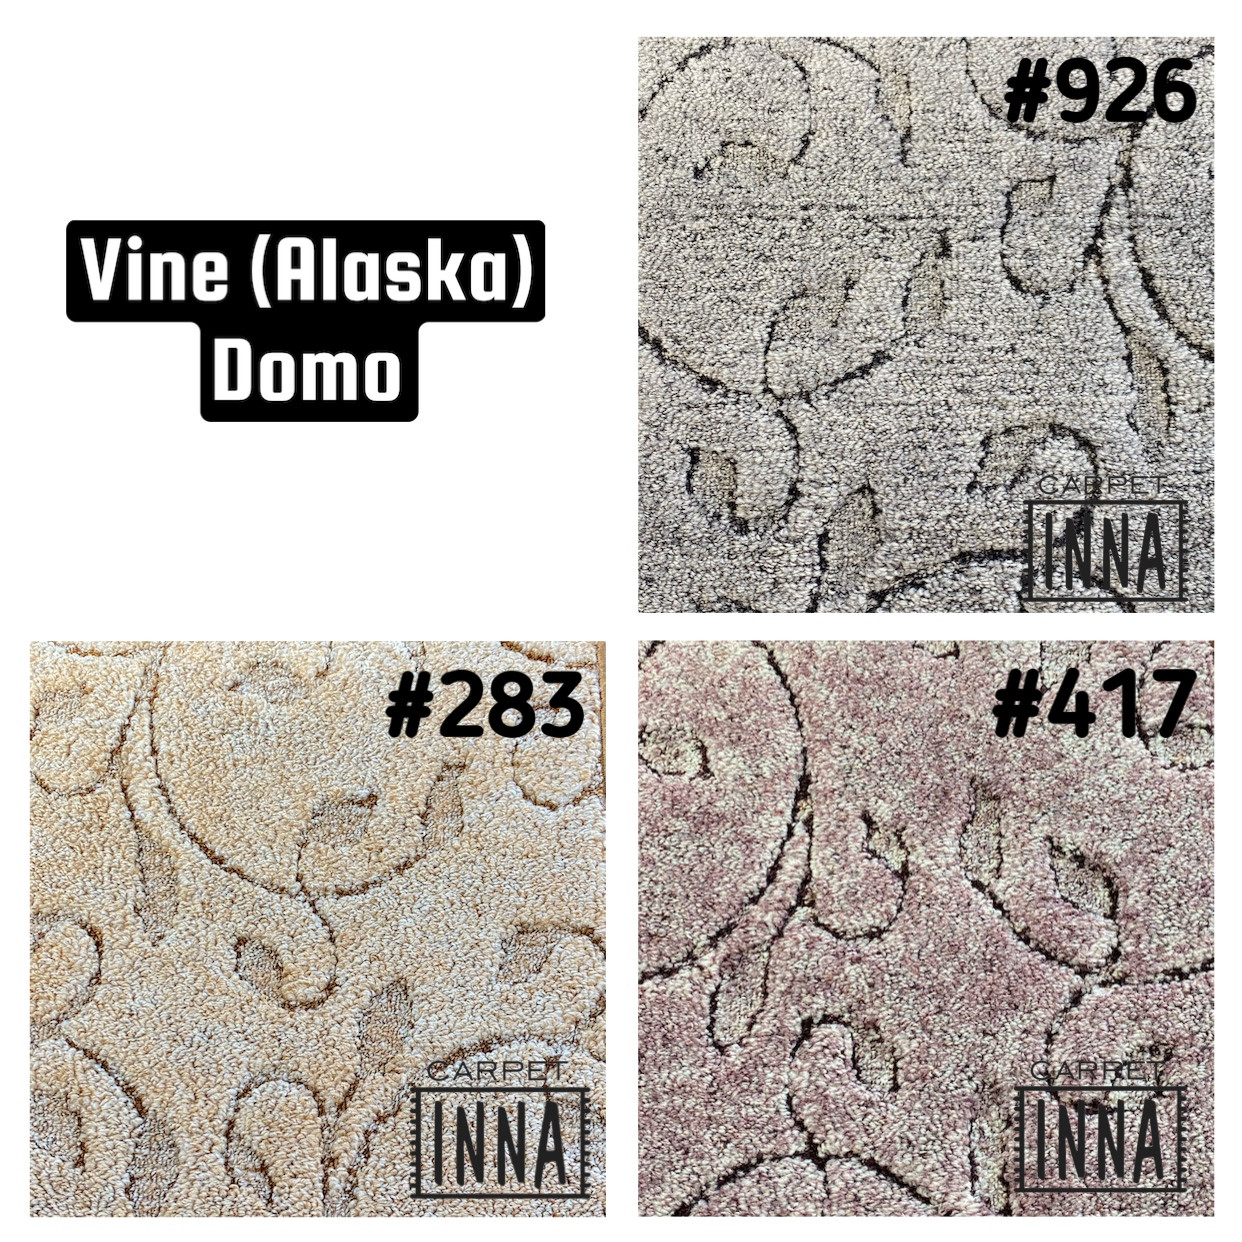 Ковролін Vine Domo (Alaska) ITC 3m, 4m, 5m, побутової, на підлогу в квартиру, студію, вітальню